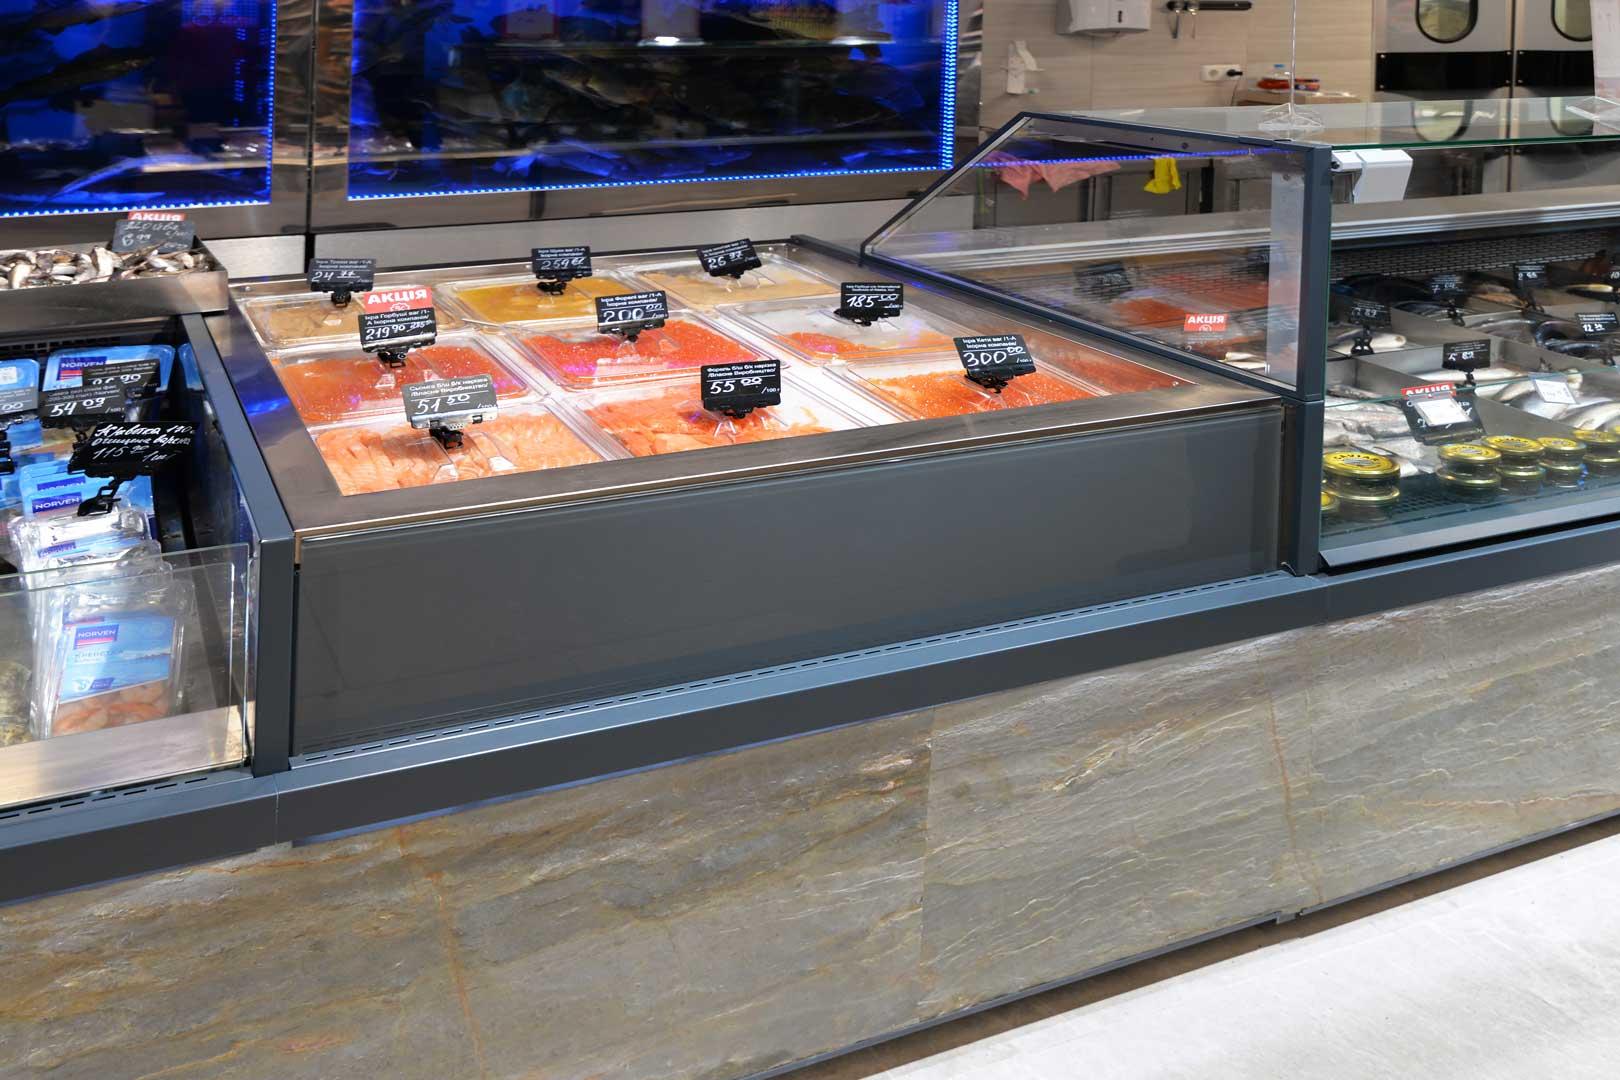 """Холодильні вітрини Мissouri MС 120 deli PS 130, Missouri AC 120 ice self, Мissouri MC 120 deli self 086, супермаркет """"Сім'я"""""""